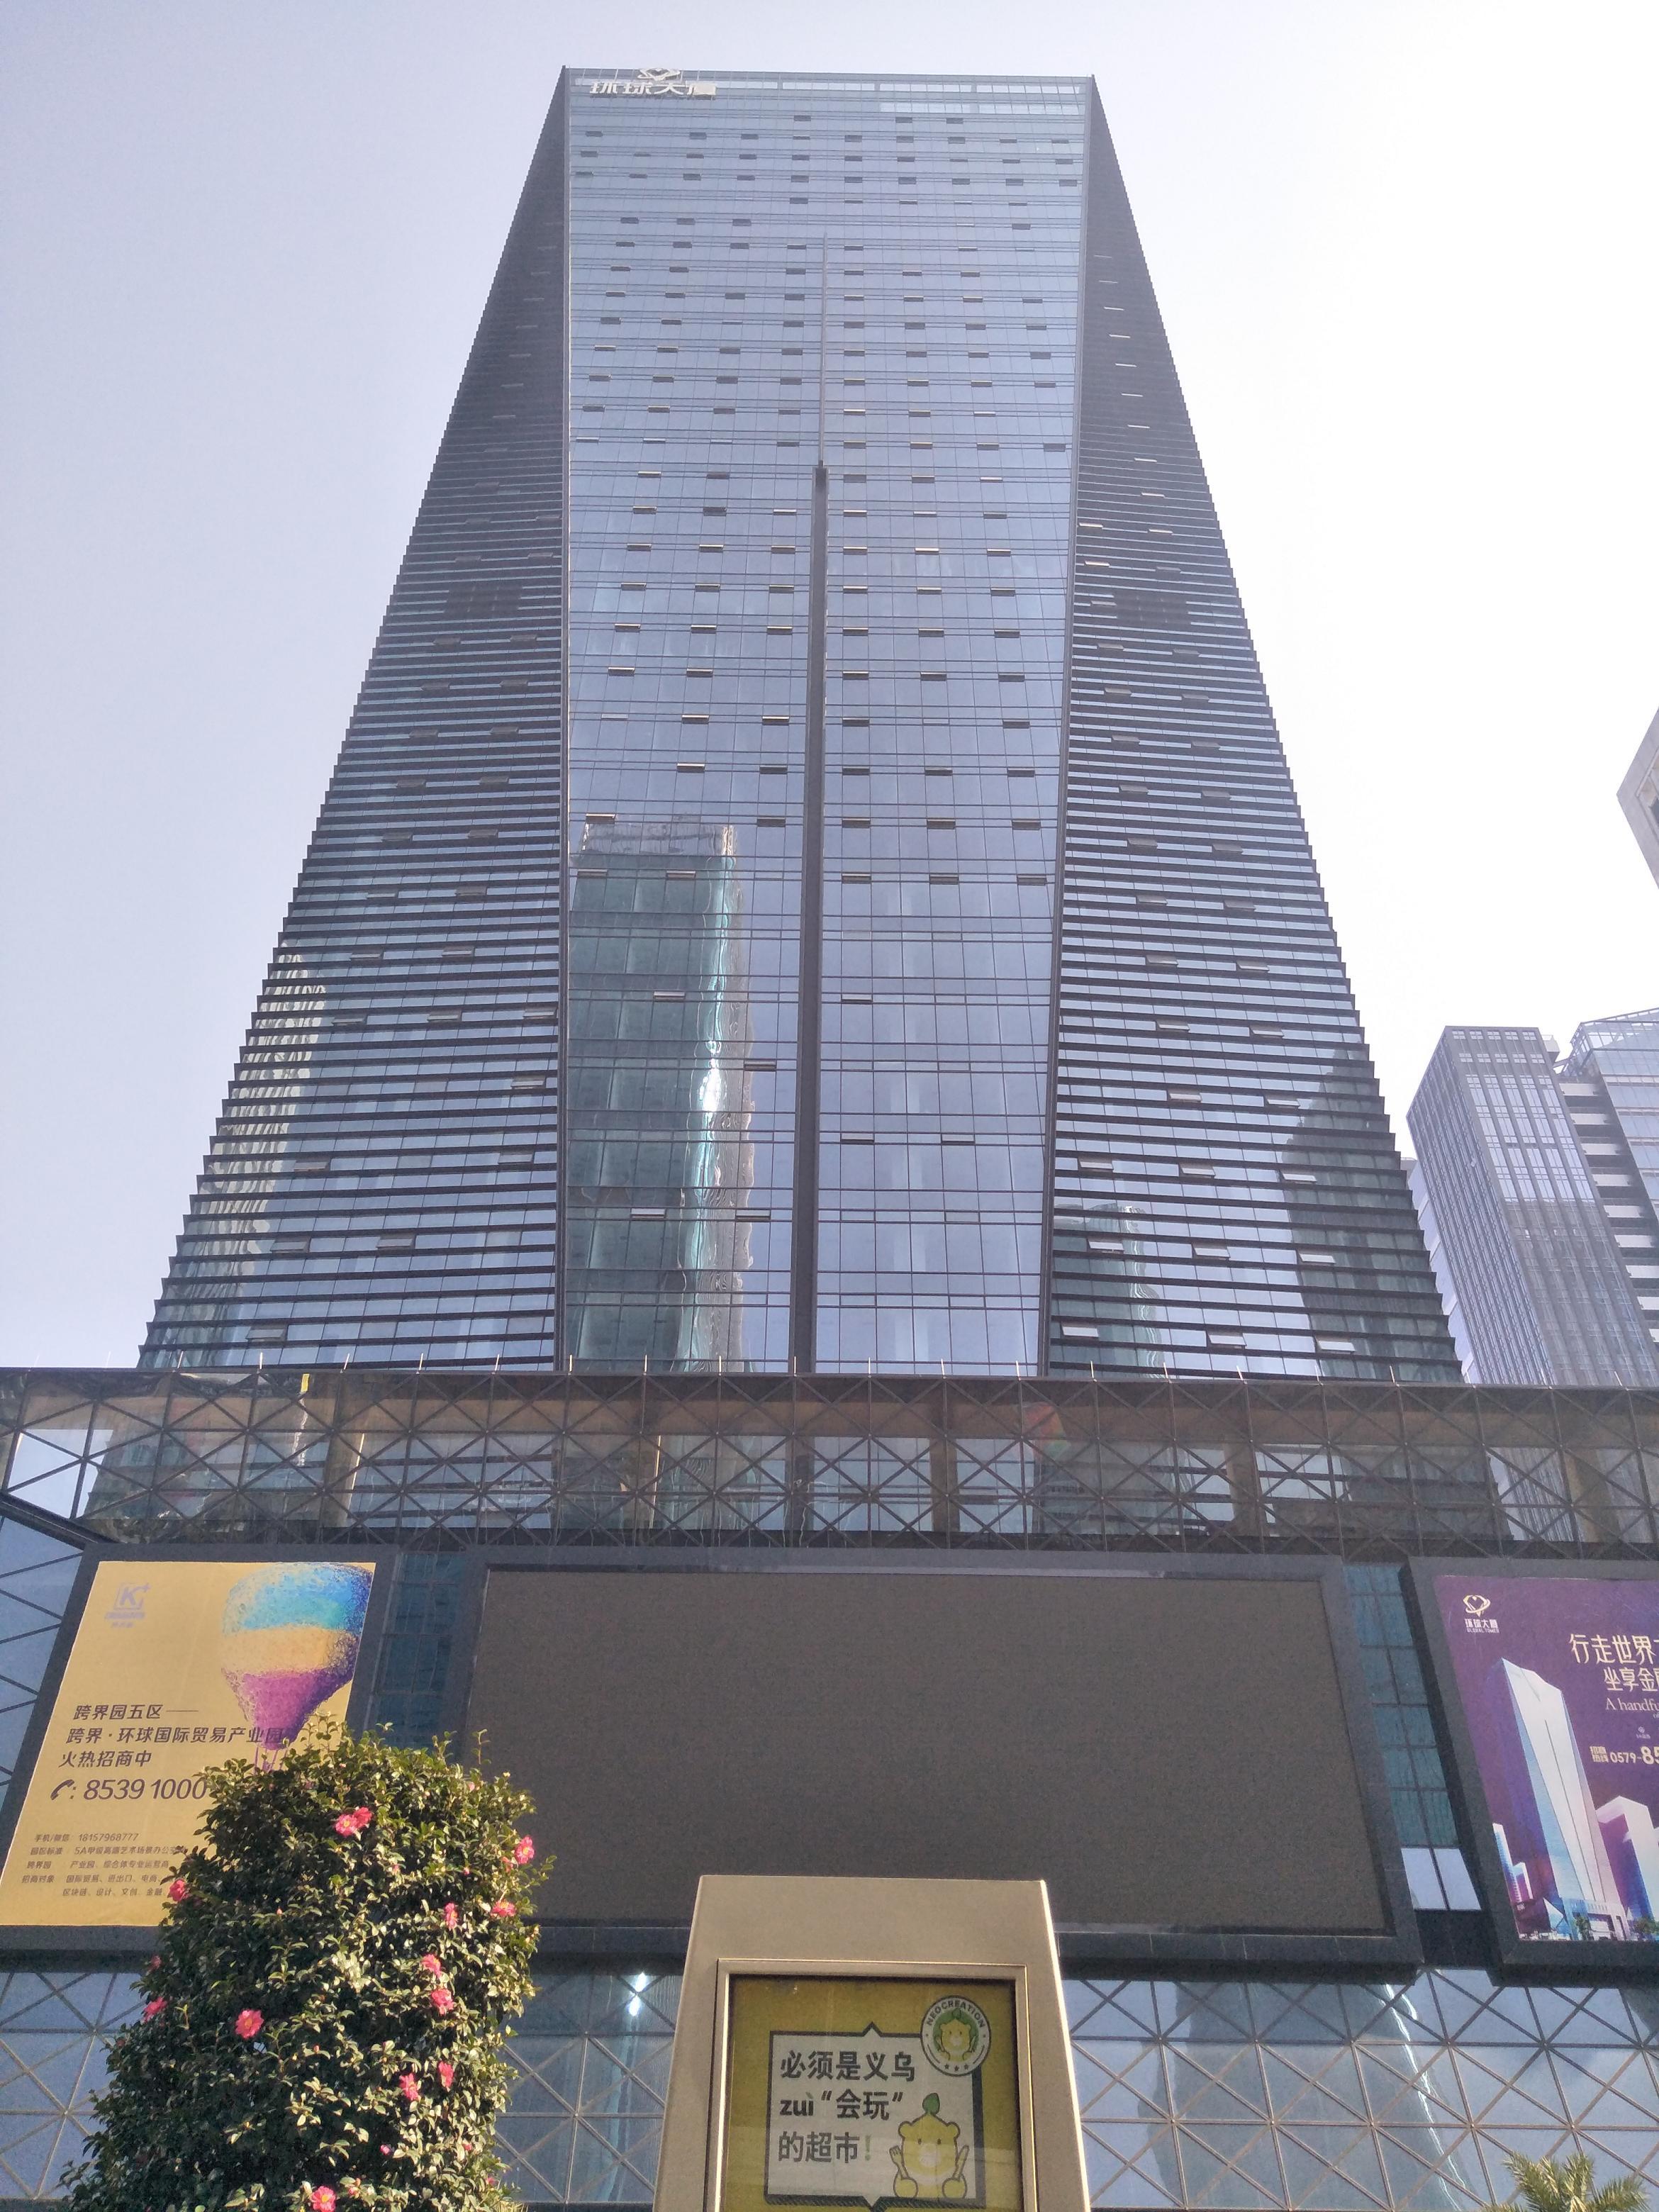 跨界五区 环球大厦(新光汇东面)招租啦!